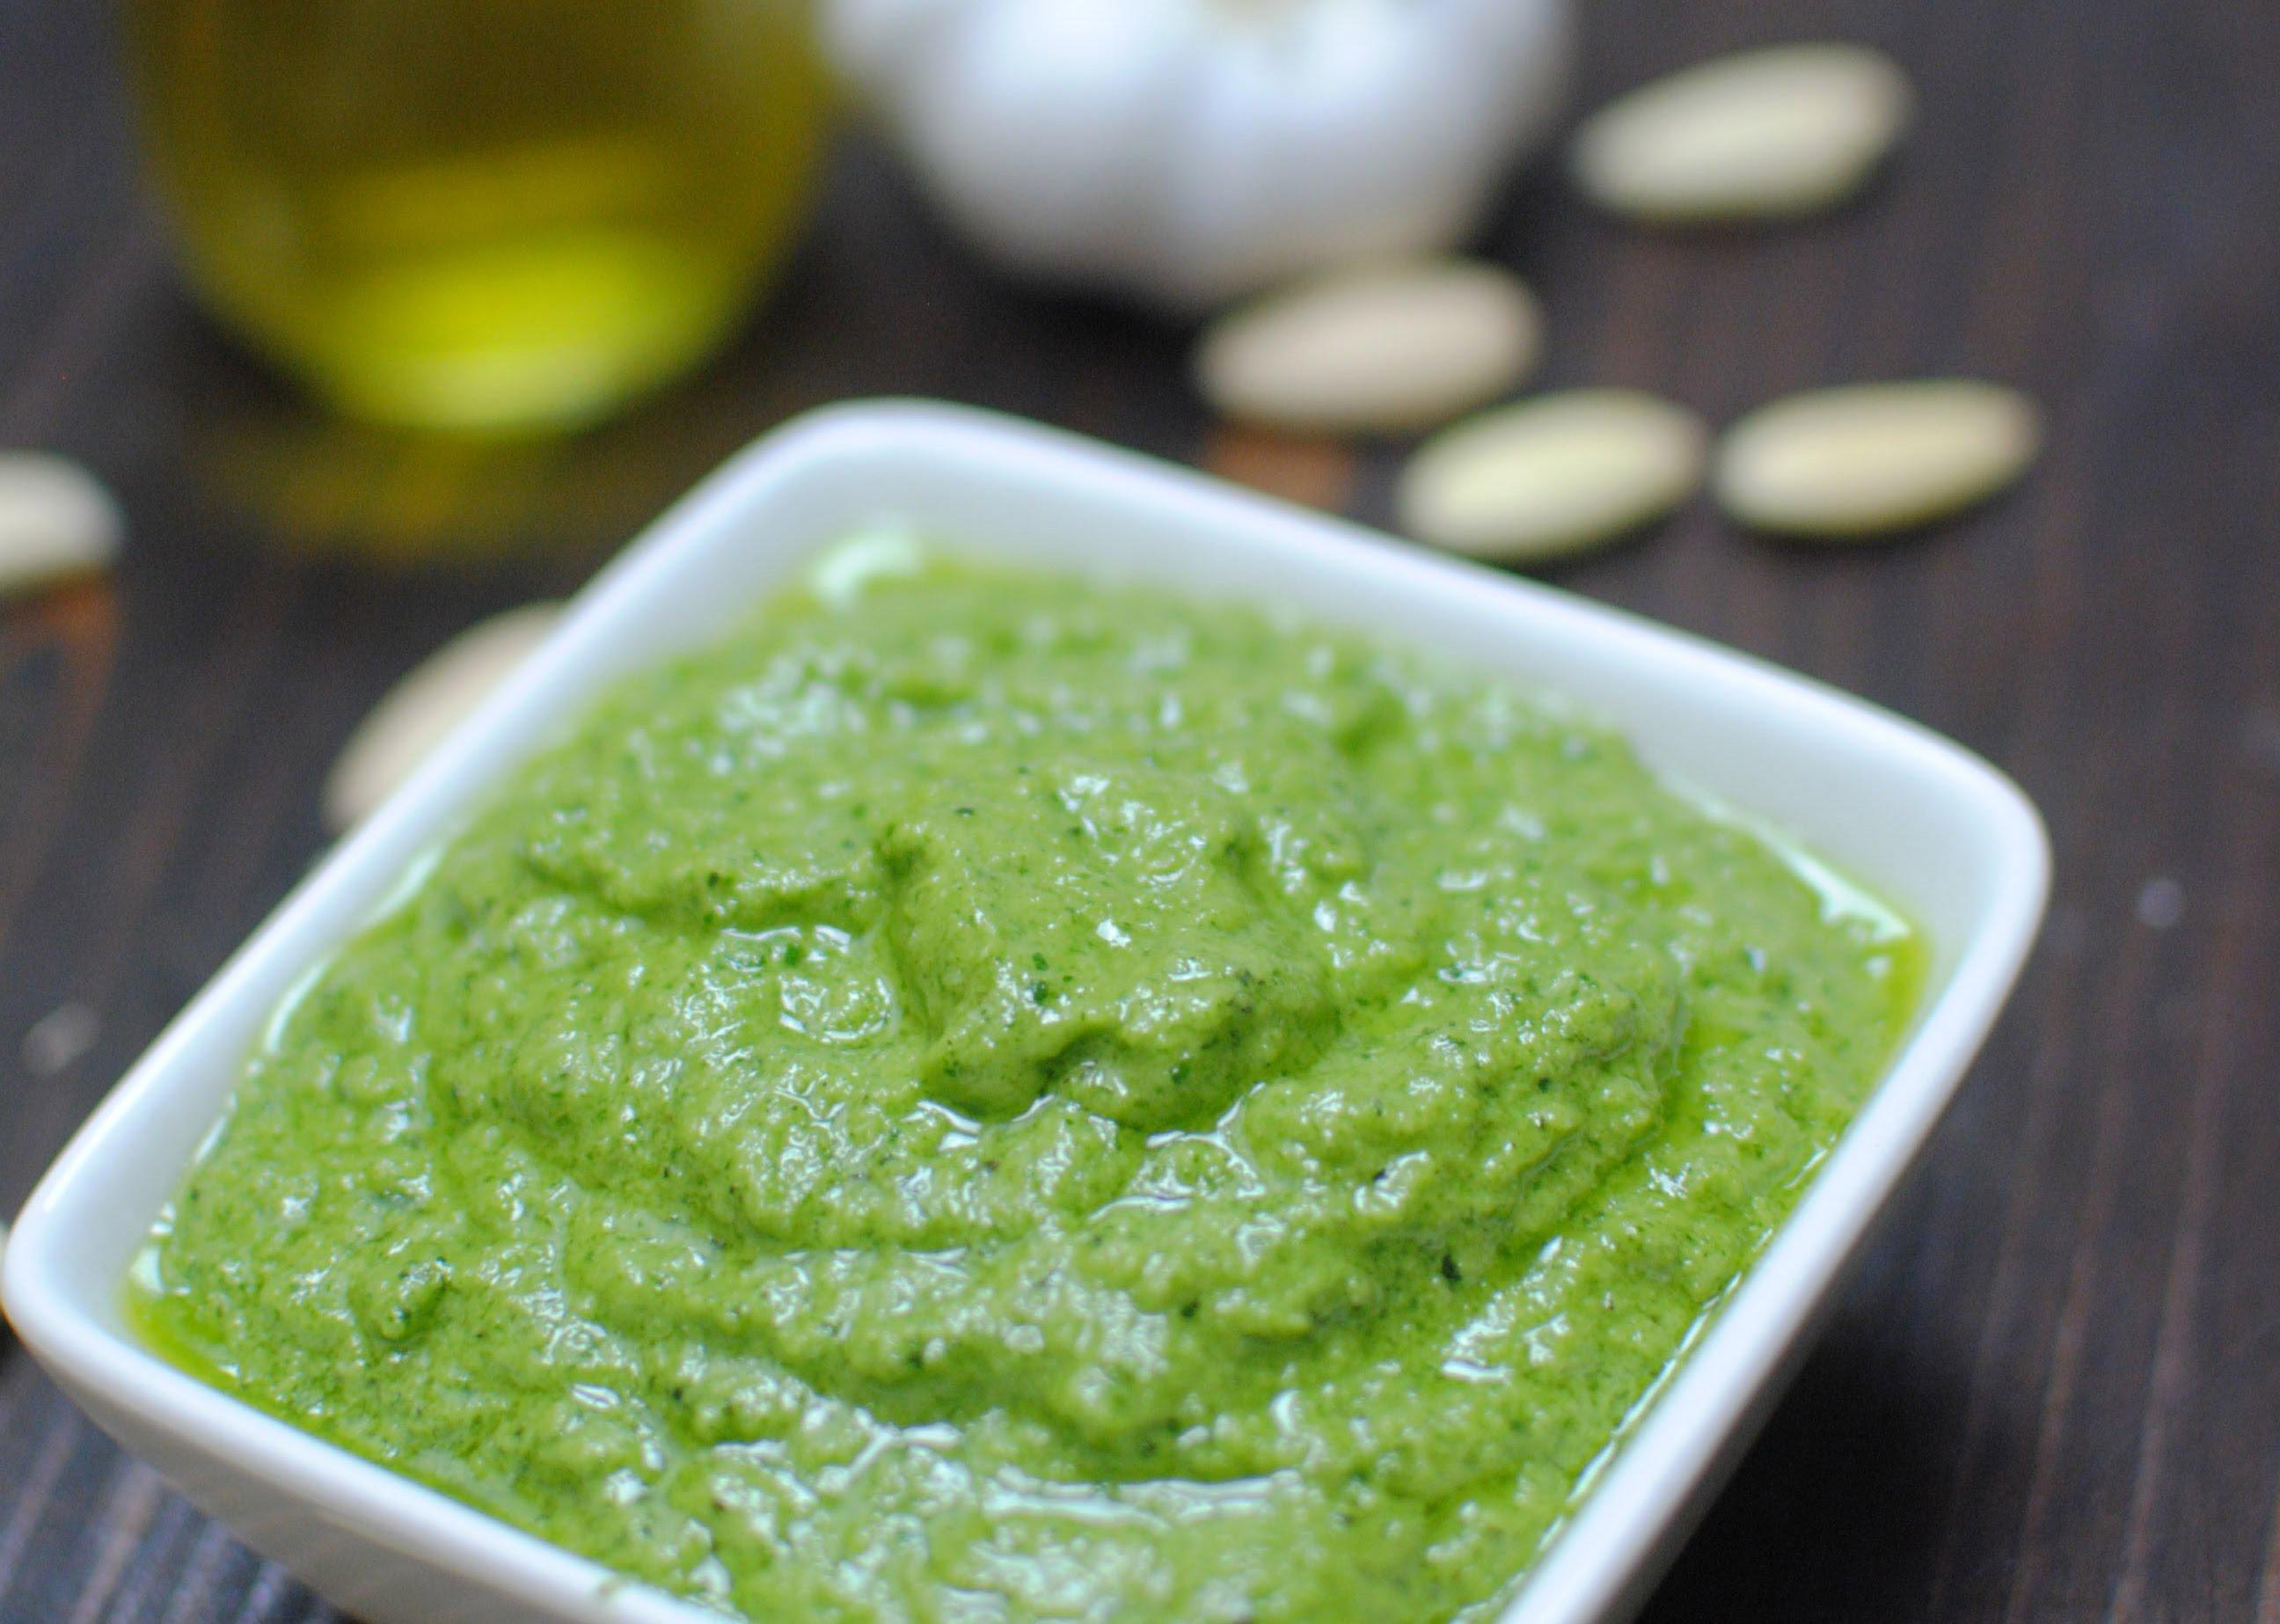 Salsa al pesto Una salsa sin coccin  Mil Recetas